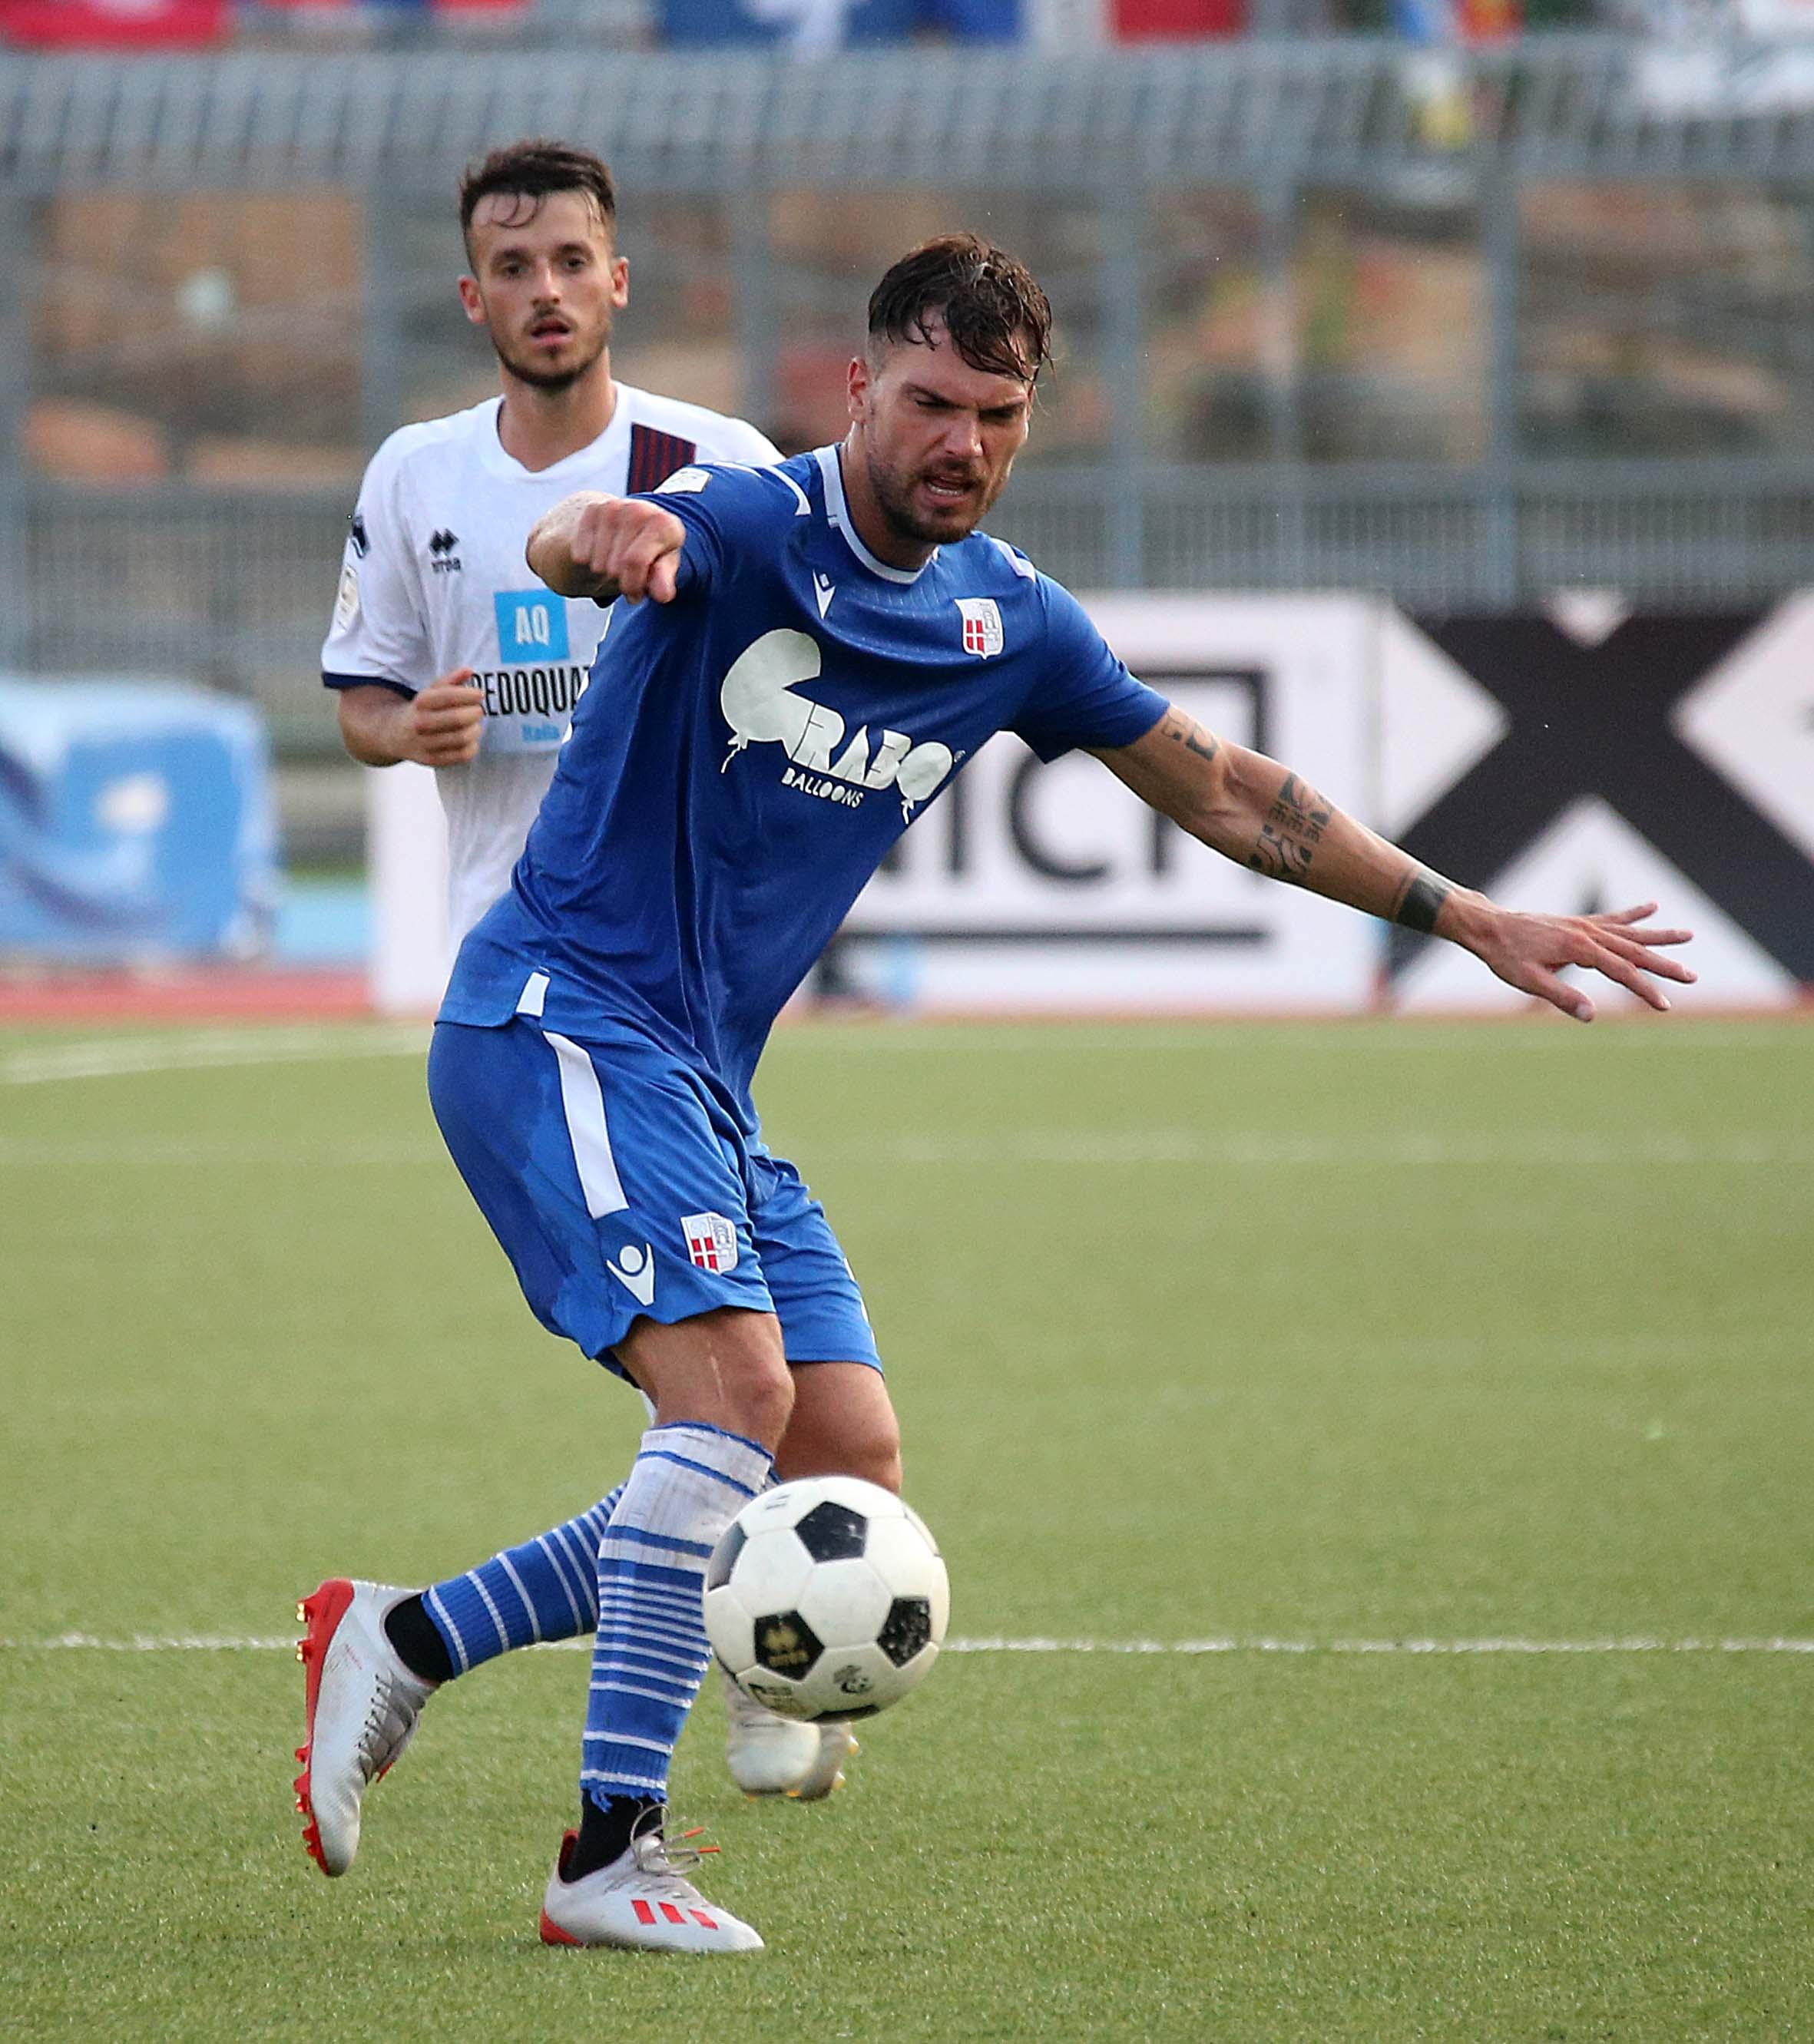 Calcio serie C, un giusto pareggio per il Rimini (1-1)